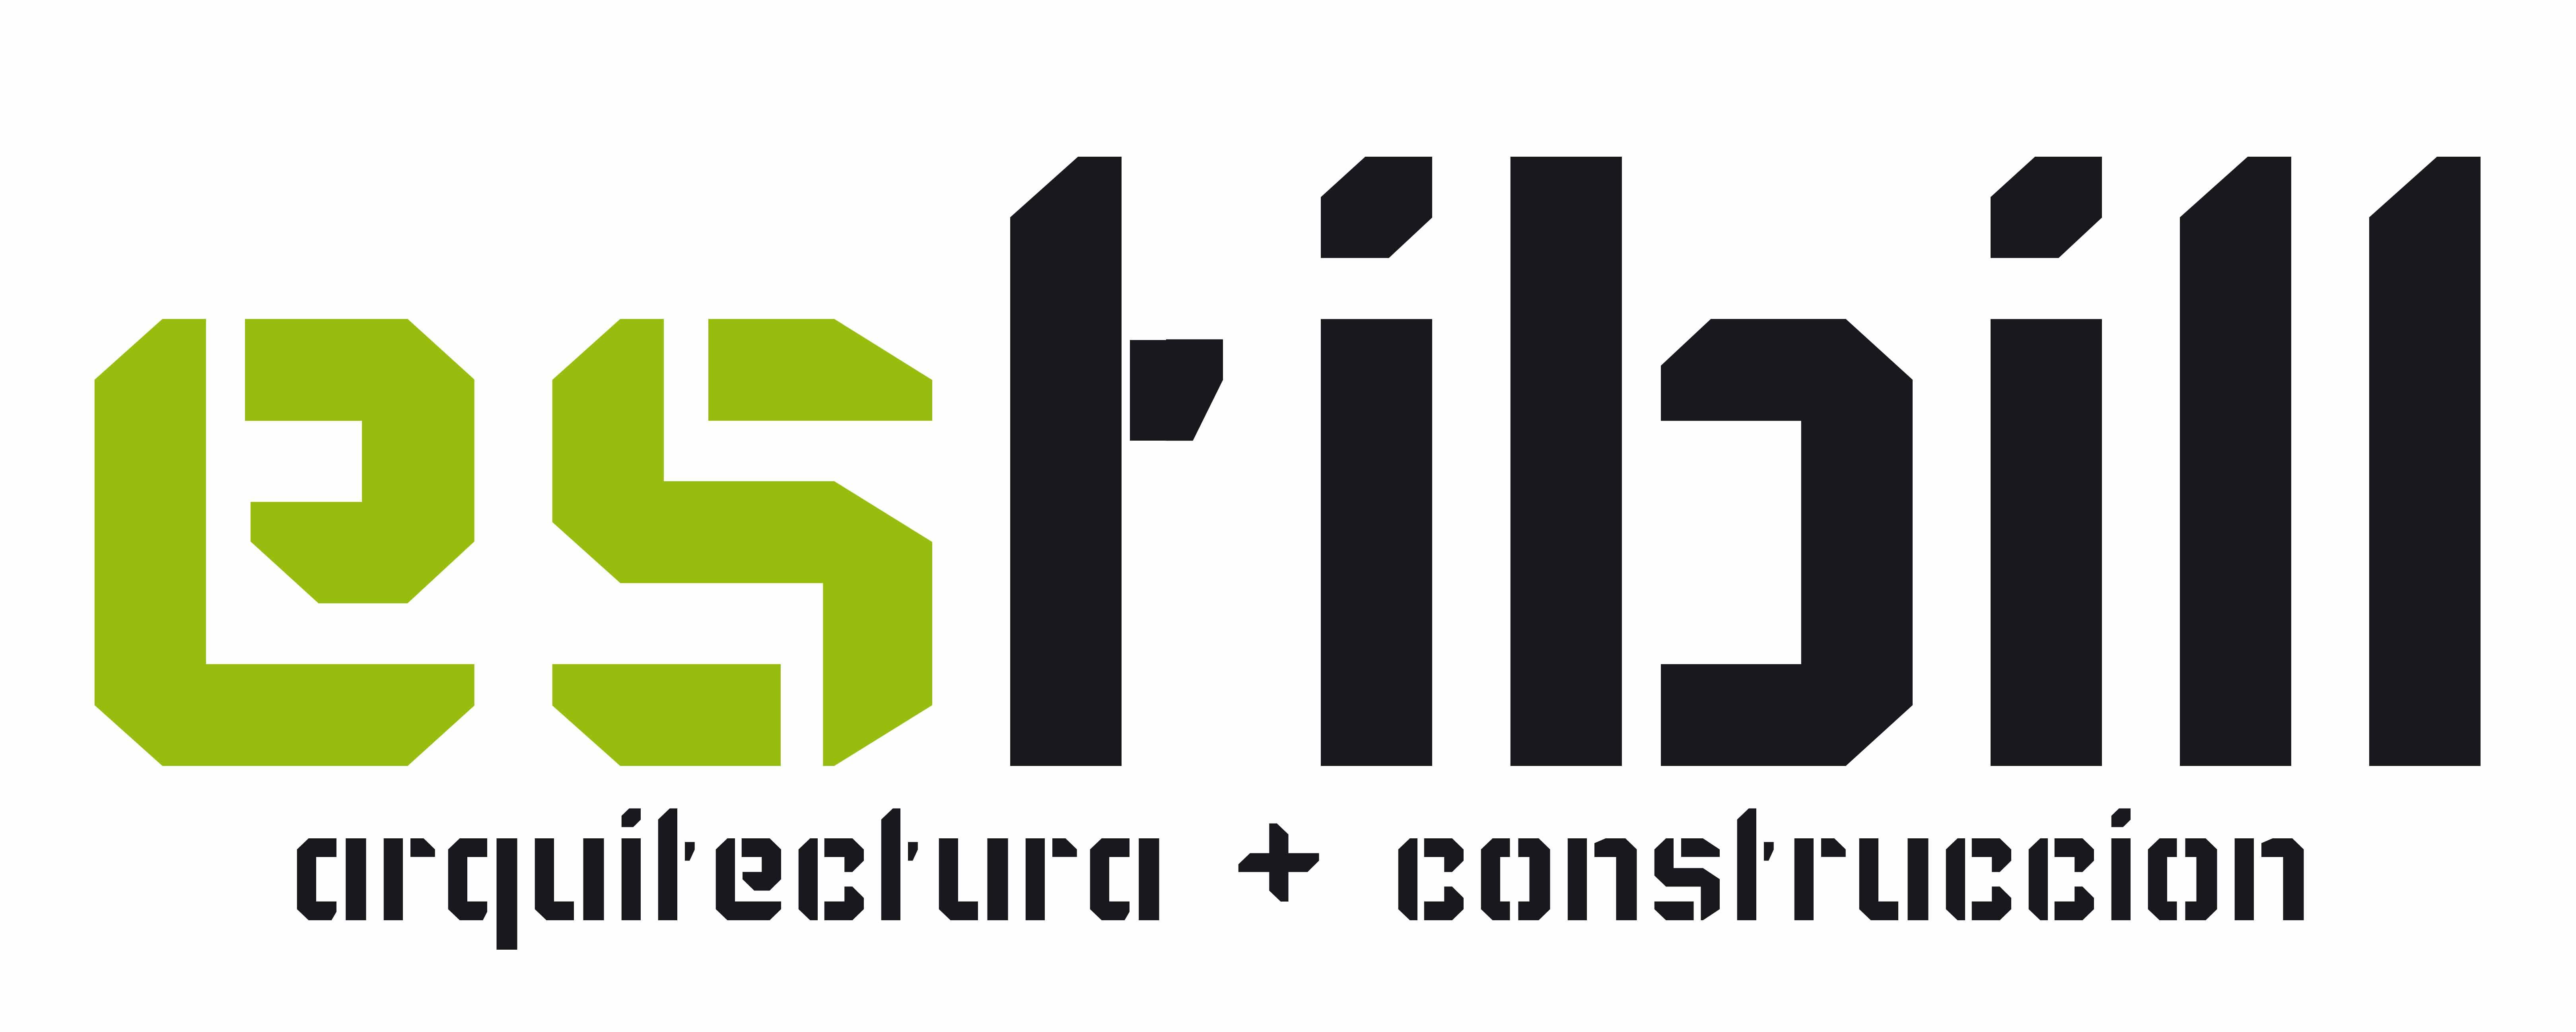 Constructora Estibill Ltda